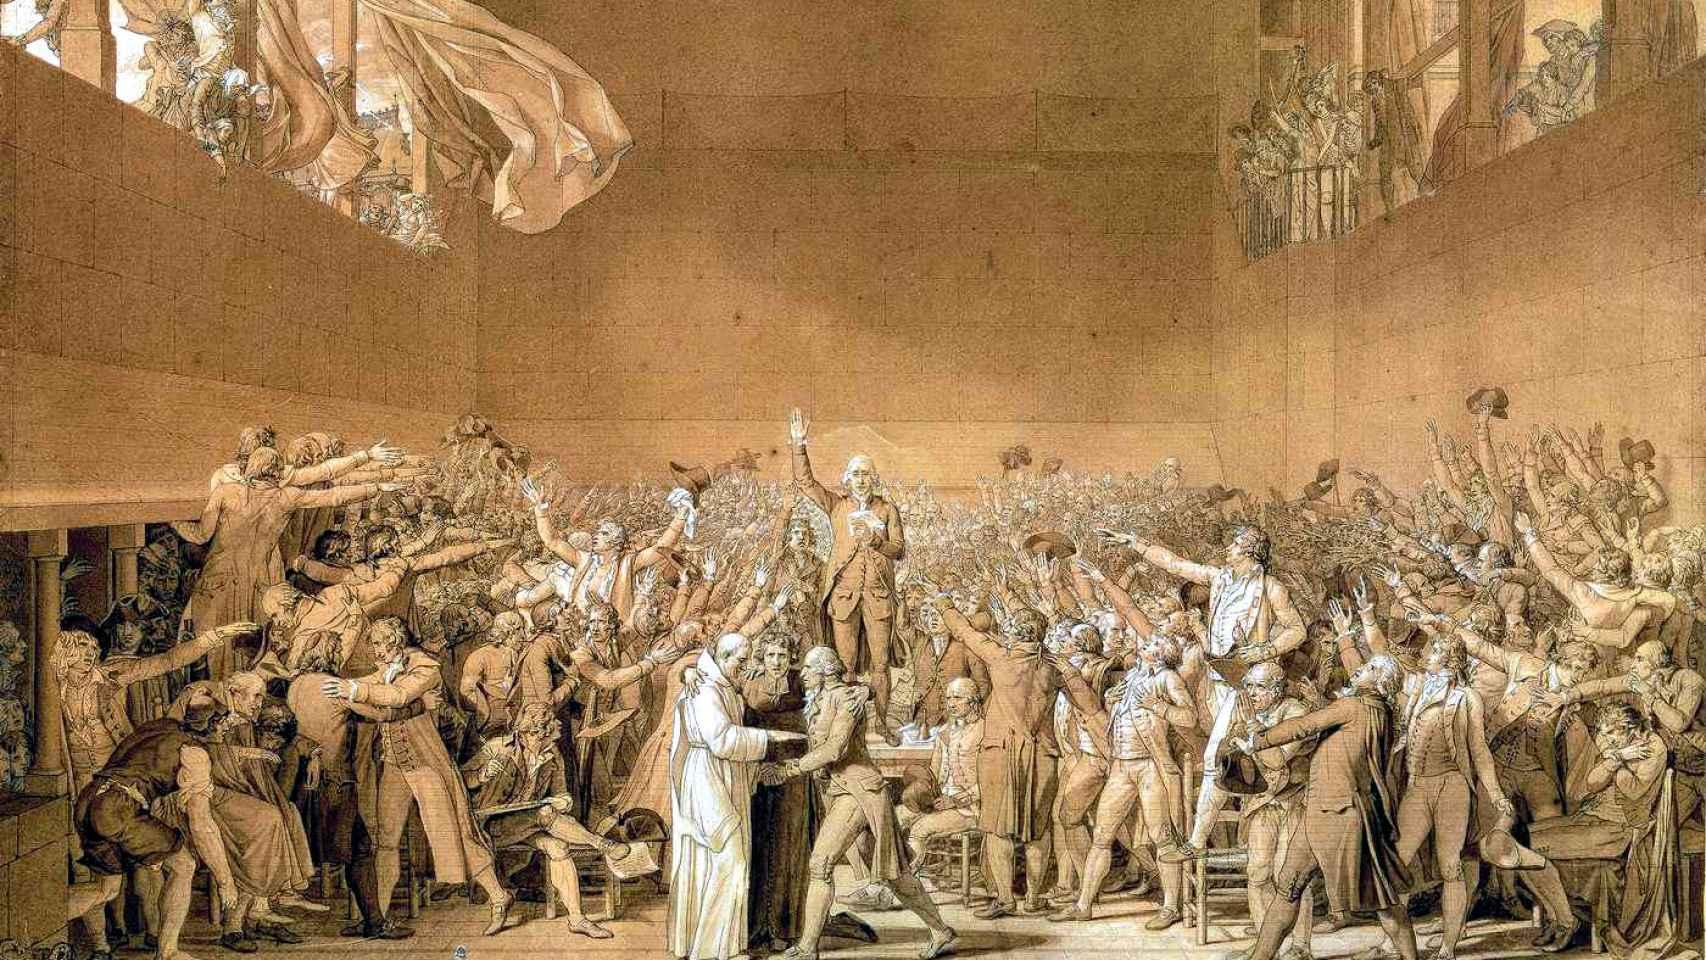 El juramento de Jeu de Paume, obra de Jacques-Louis David.